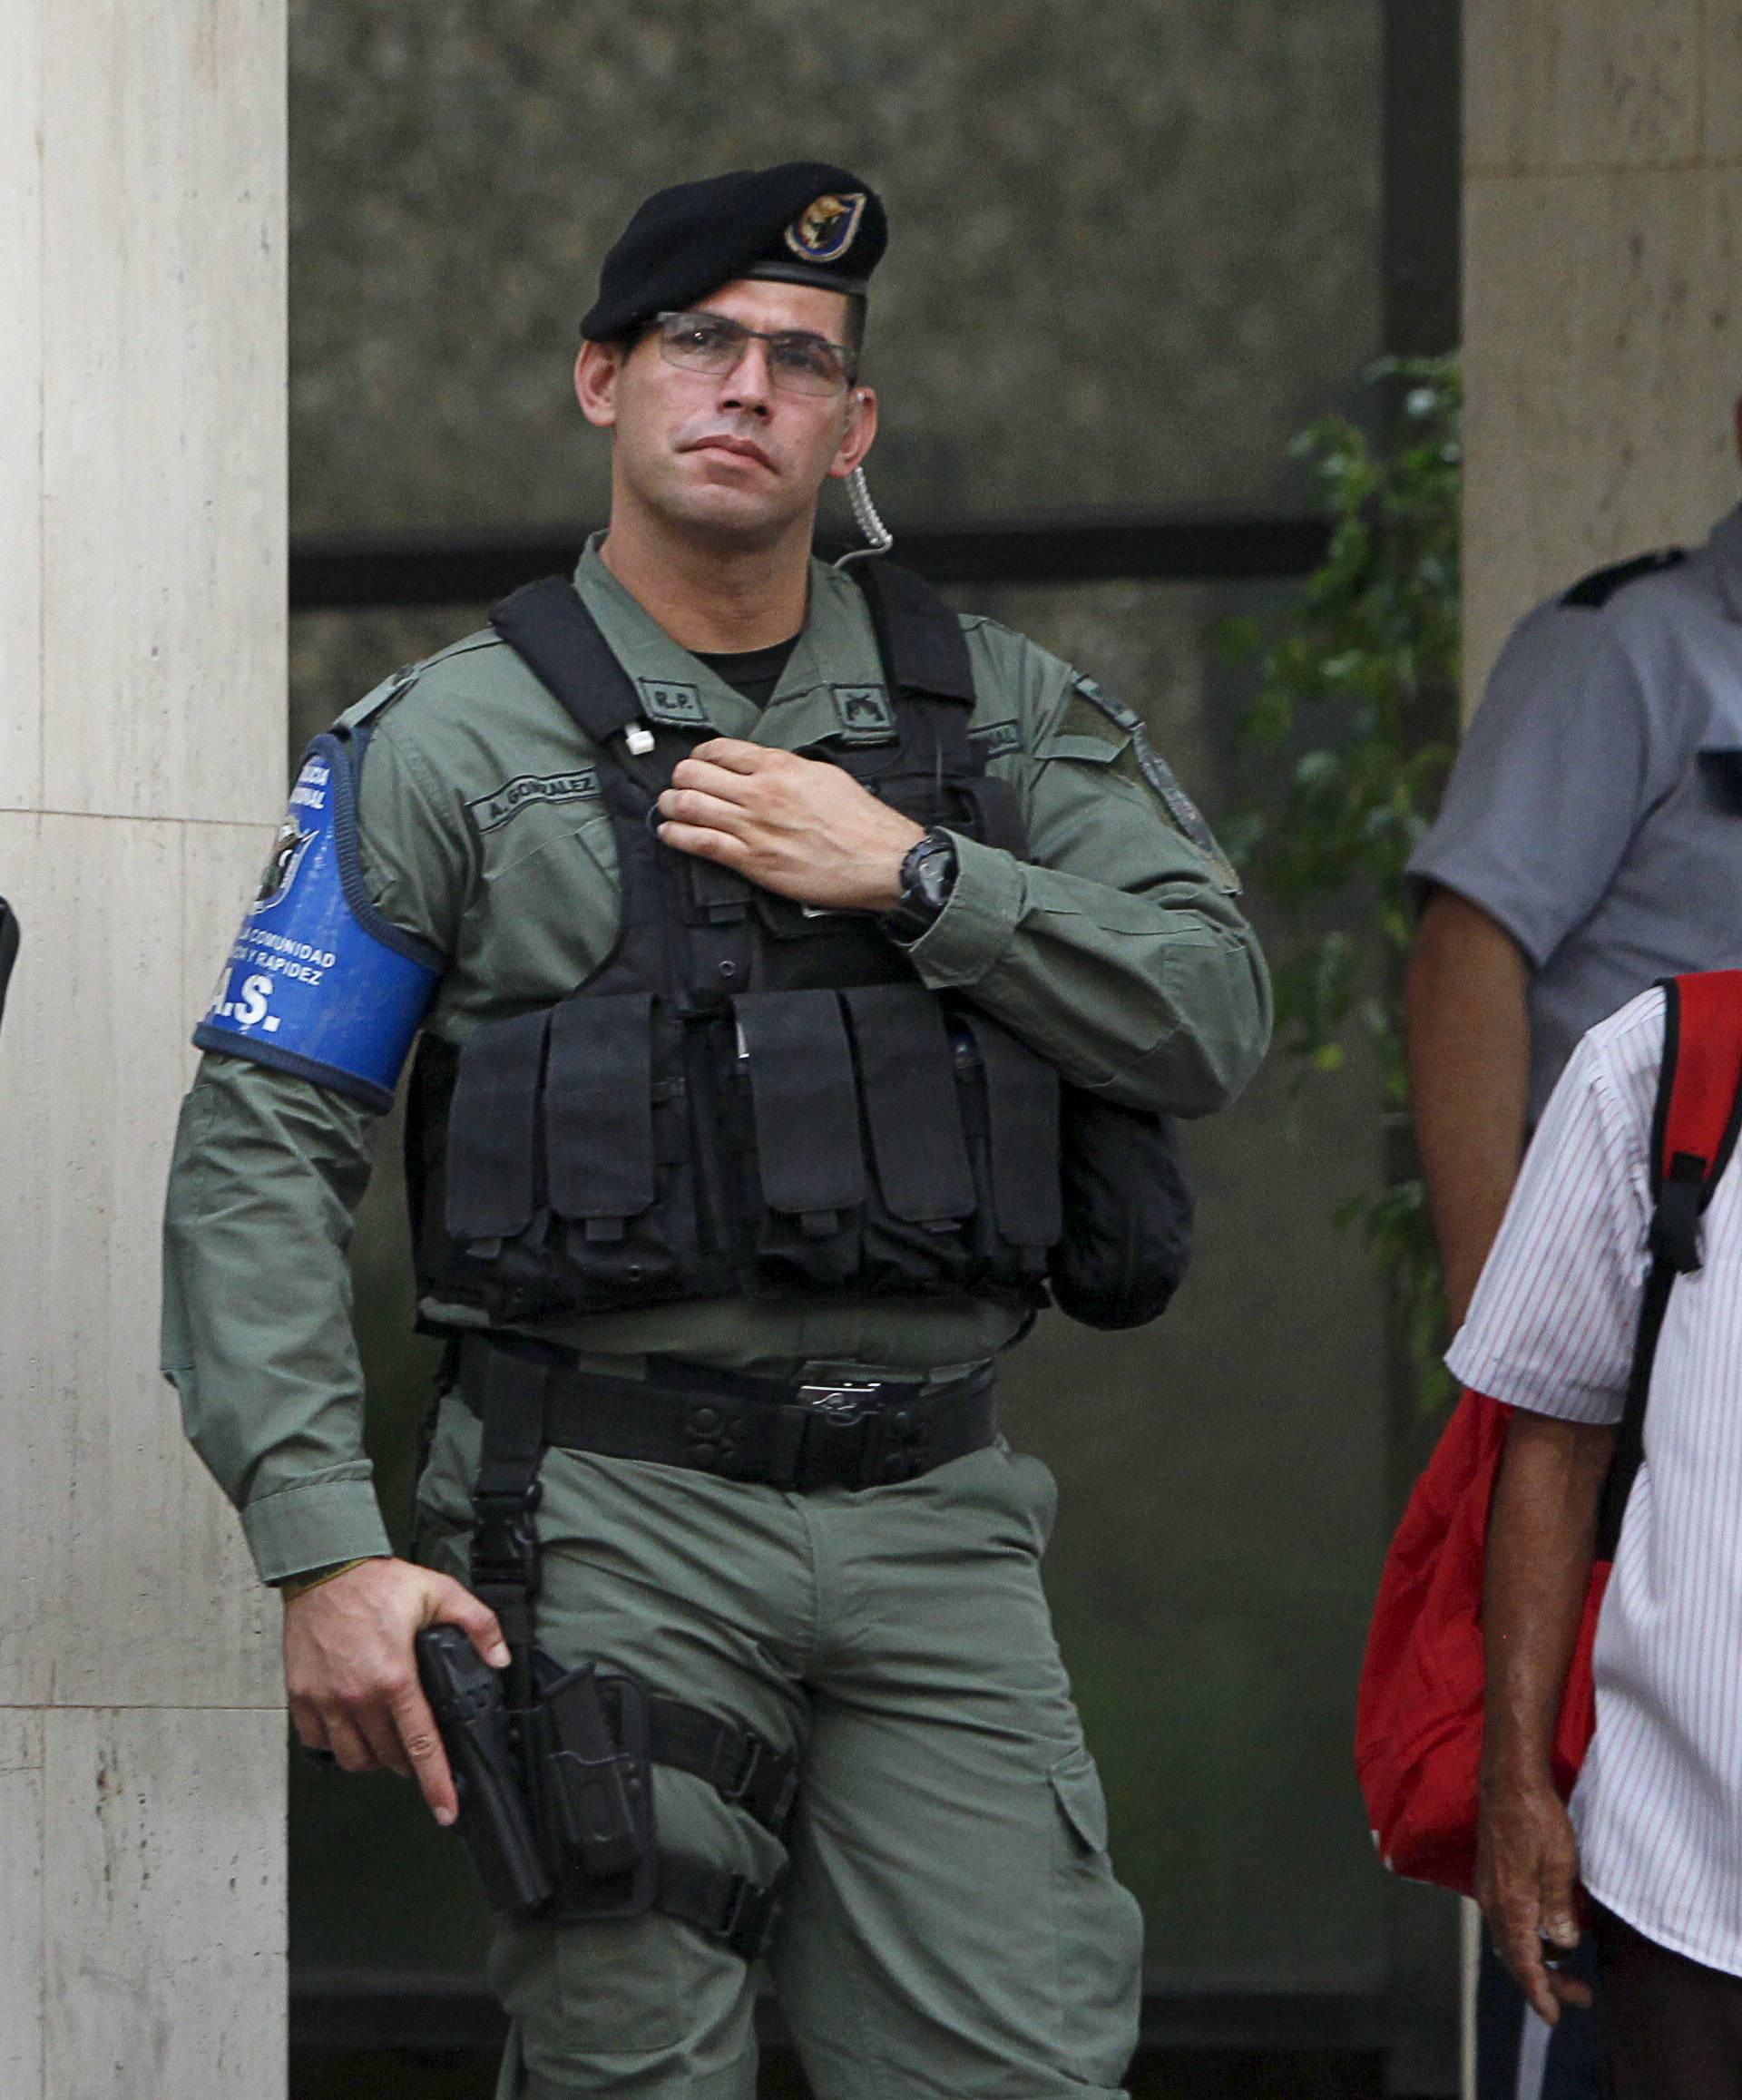 Panamska policija pretresla je urede tvrtke Mossack Fonseca